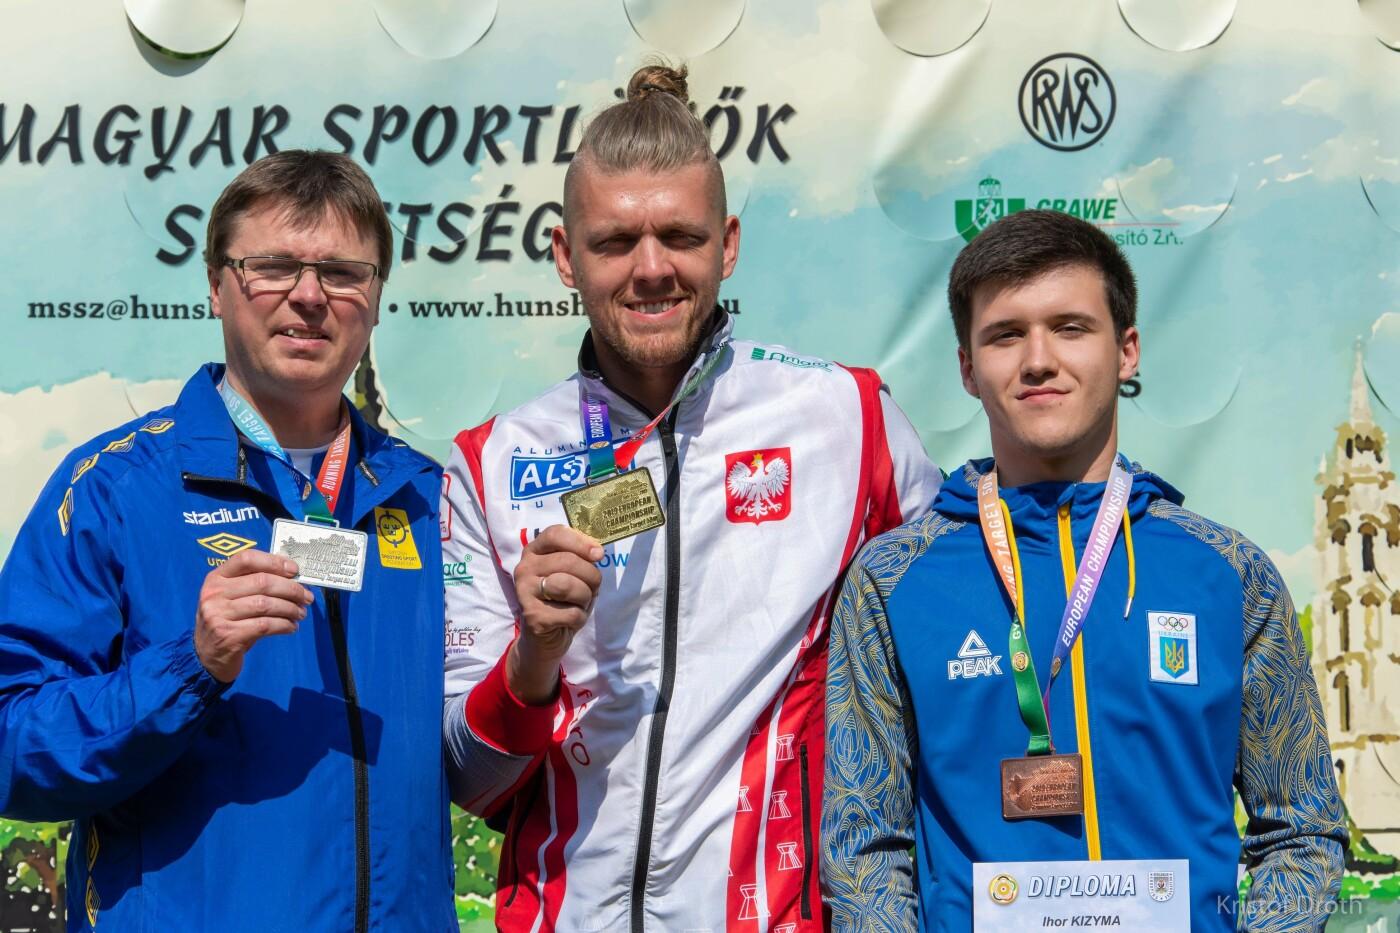 Хмельничани успішно виступили у складі збірної України на Чемпіонаті Європи з кульової стрільби, фото-4